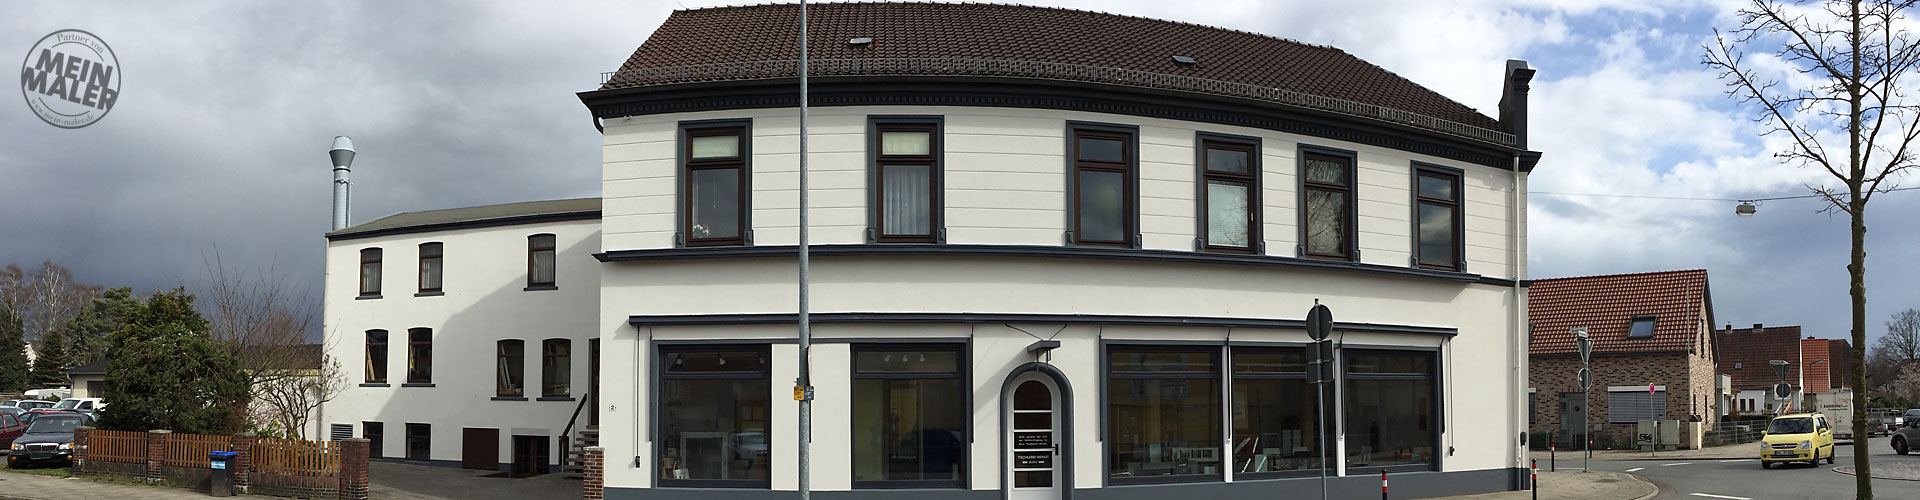 Gewerbeimmobilien sanieren Bremen, Fassadenrenovierung Verden, Malerarbeiten Achim